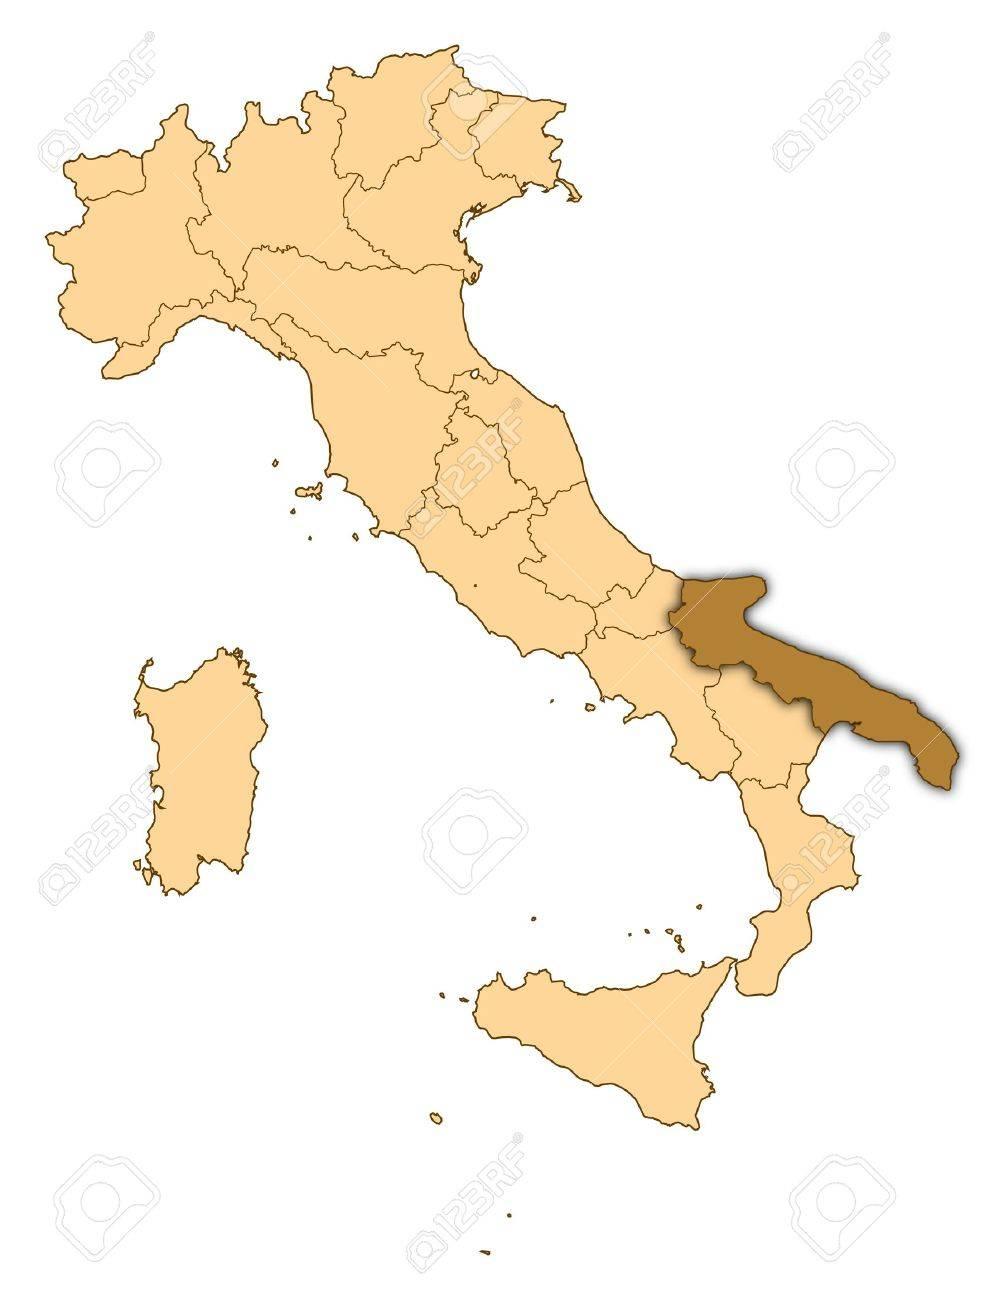 Cartina Italia Puglia.Immagini Stock Mappa Di Italia Dove E Evidenziato Puglia Image 14415068